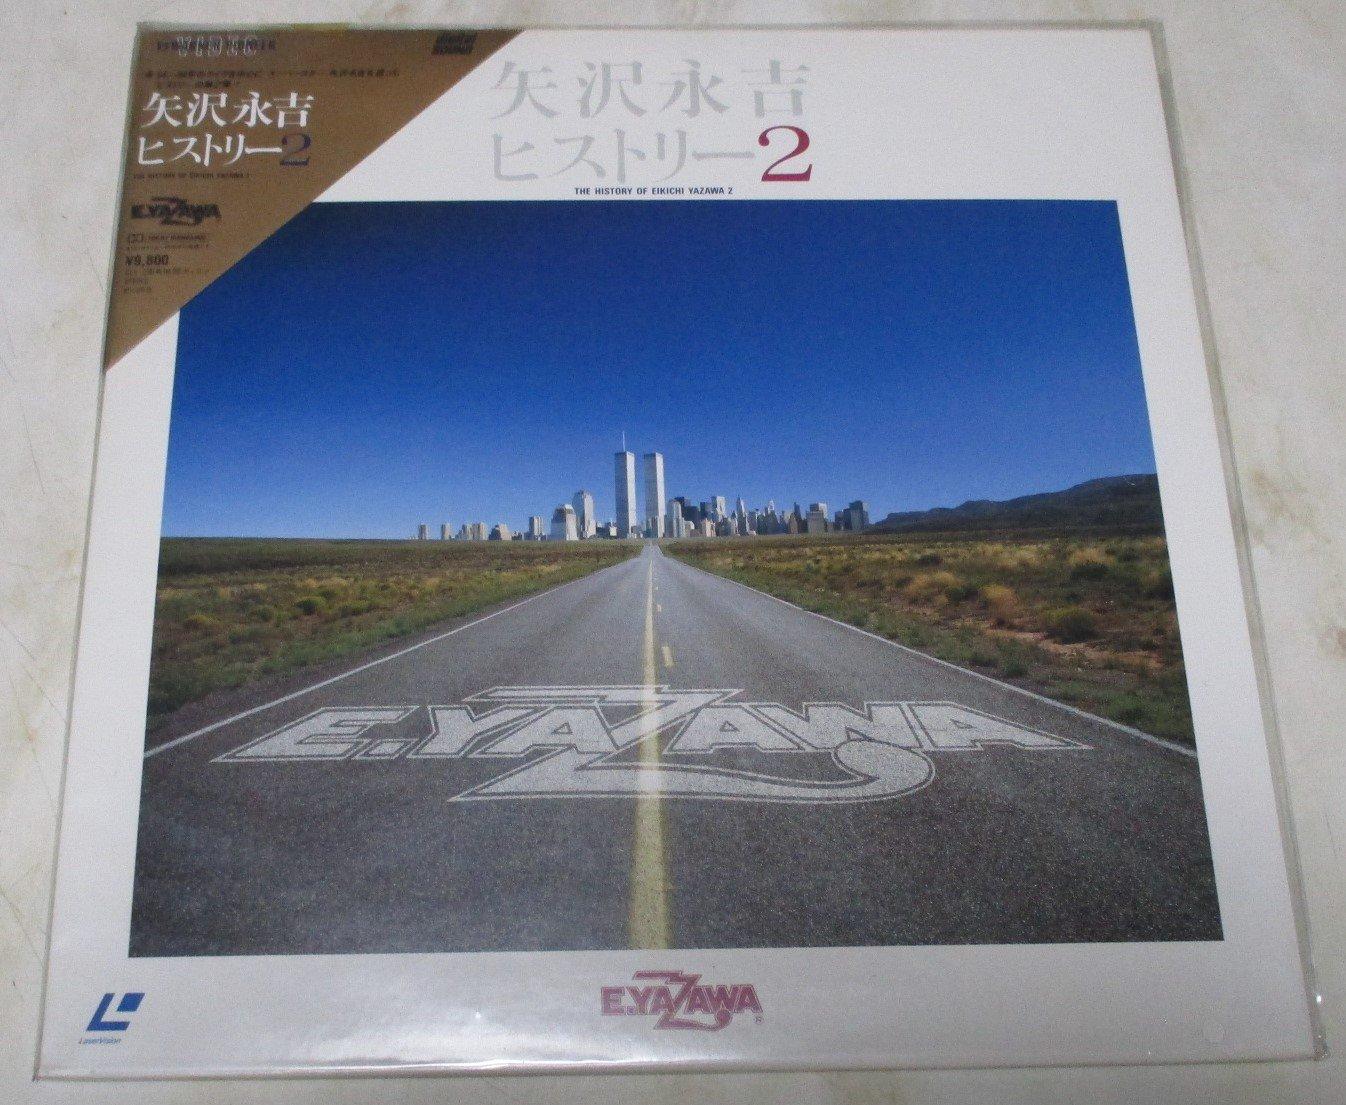 ヒストリー2 [Laser Disc] B000VVQXE0